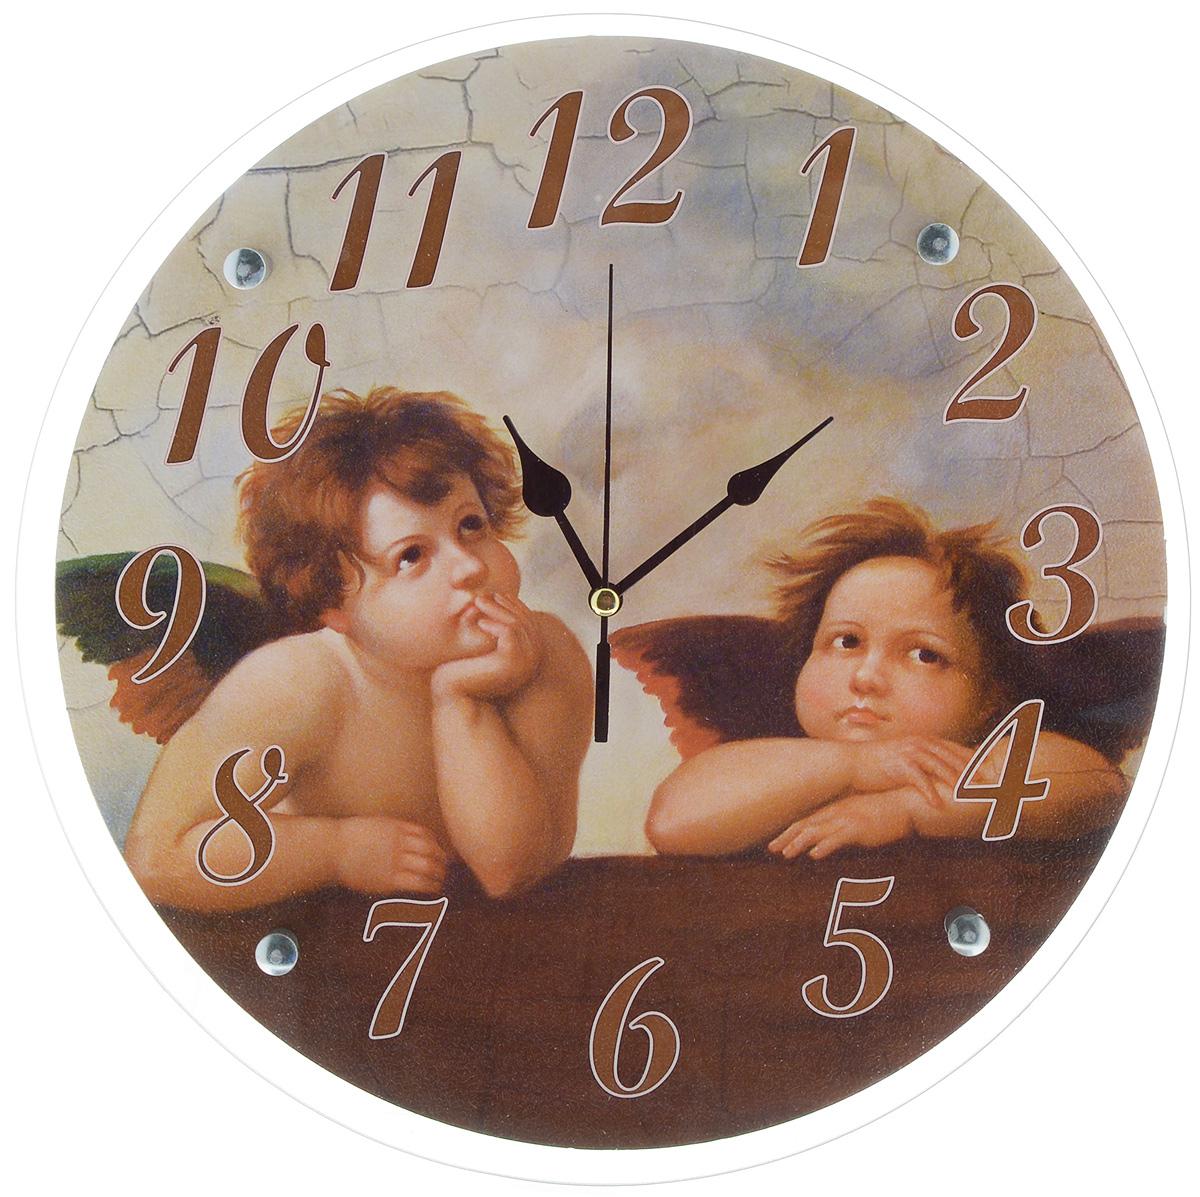 Часы настенные Proffi Home Купидоны, диаметр 33 смFS-91909Настенные кварцевые часы Proffi Home Купидоны, изготовленные из ДВП и стекла, прекрасно подойдут под интерьер вашего дома. Круглые часы имеют три стрелки: часовую, минутную и секундную. Часы оснащены металлической планкой для подвешивания. Диаметр часов: 33 см.Часы работают от 1 батарейки типа АА напряжением 1,5 В. Батарейка в комплект не входит.